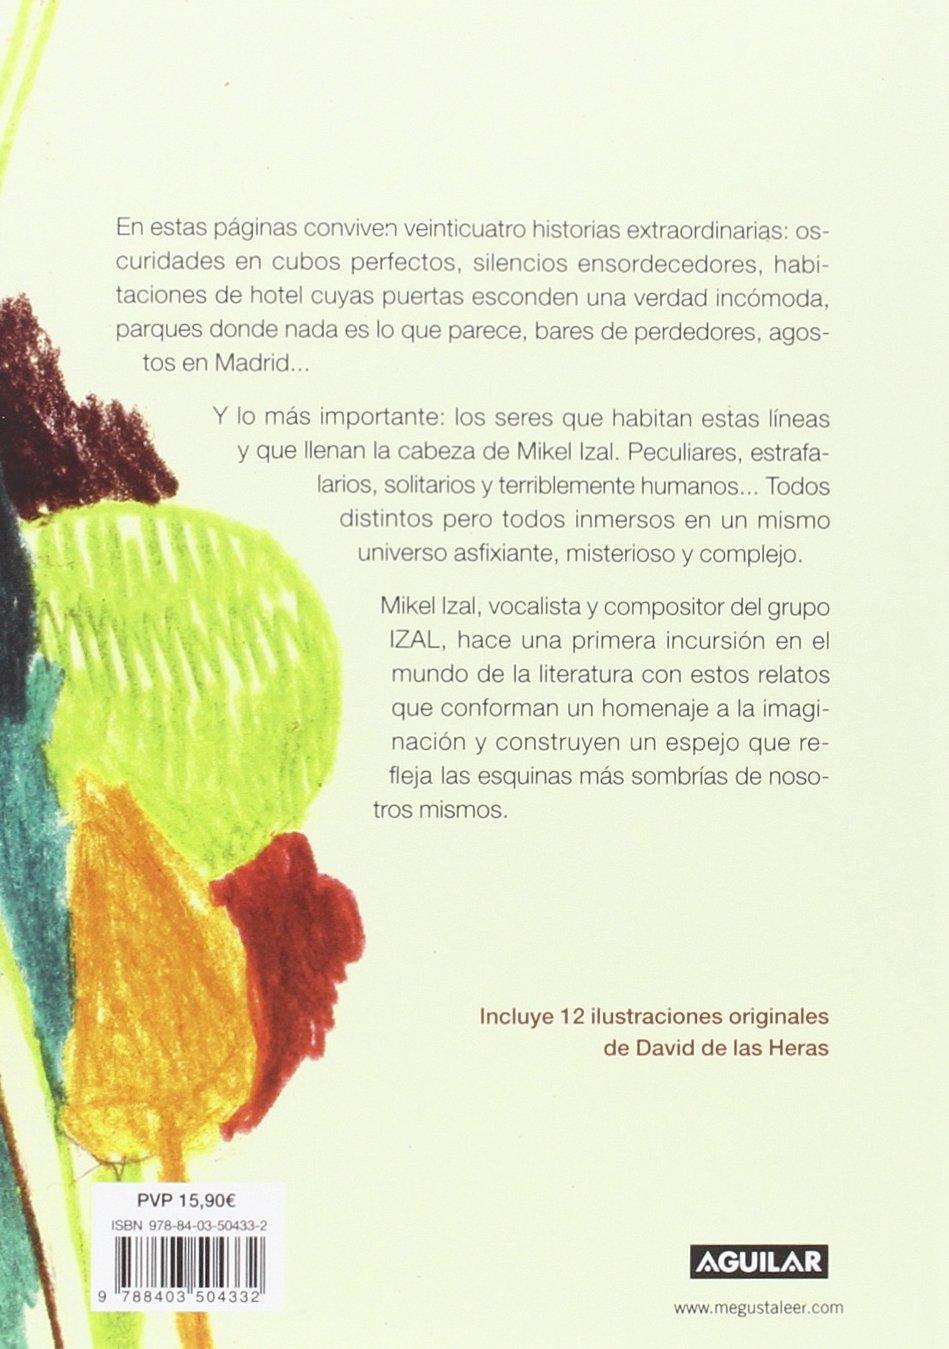 Los seres que me llenan (Verso&Cuento): Amazon.es: Mikel Izal: Libros